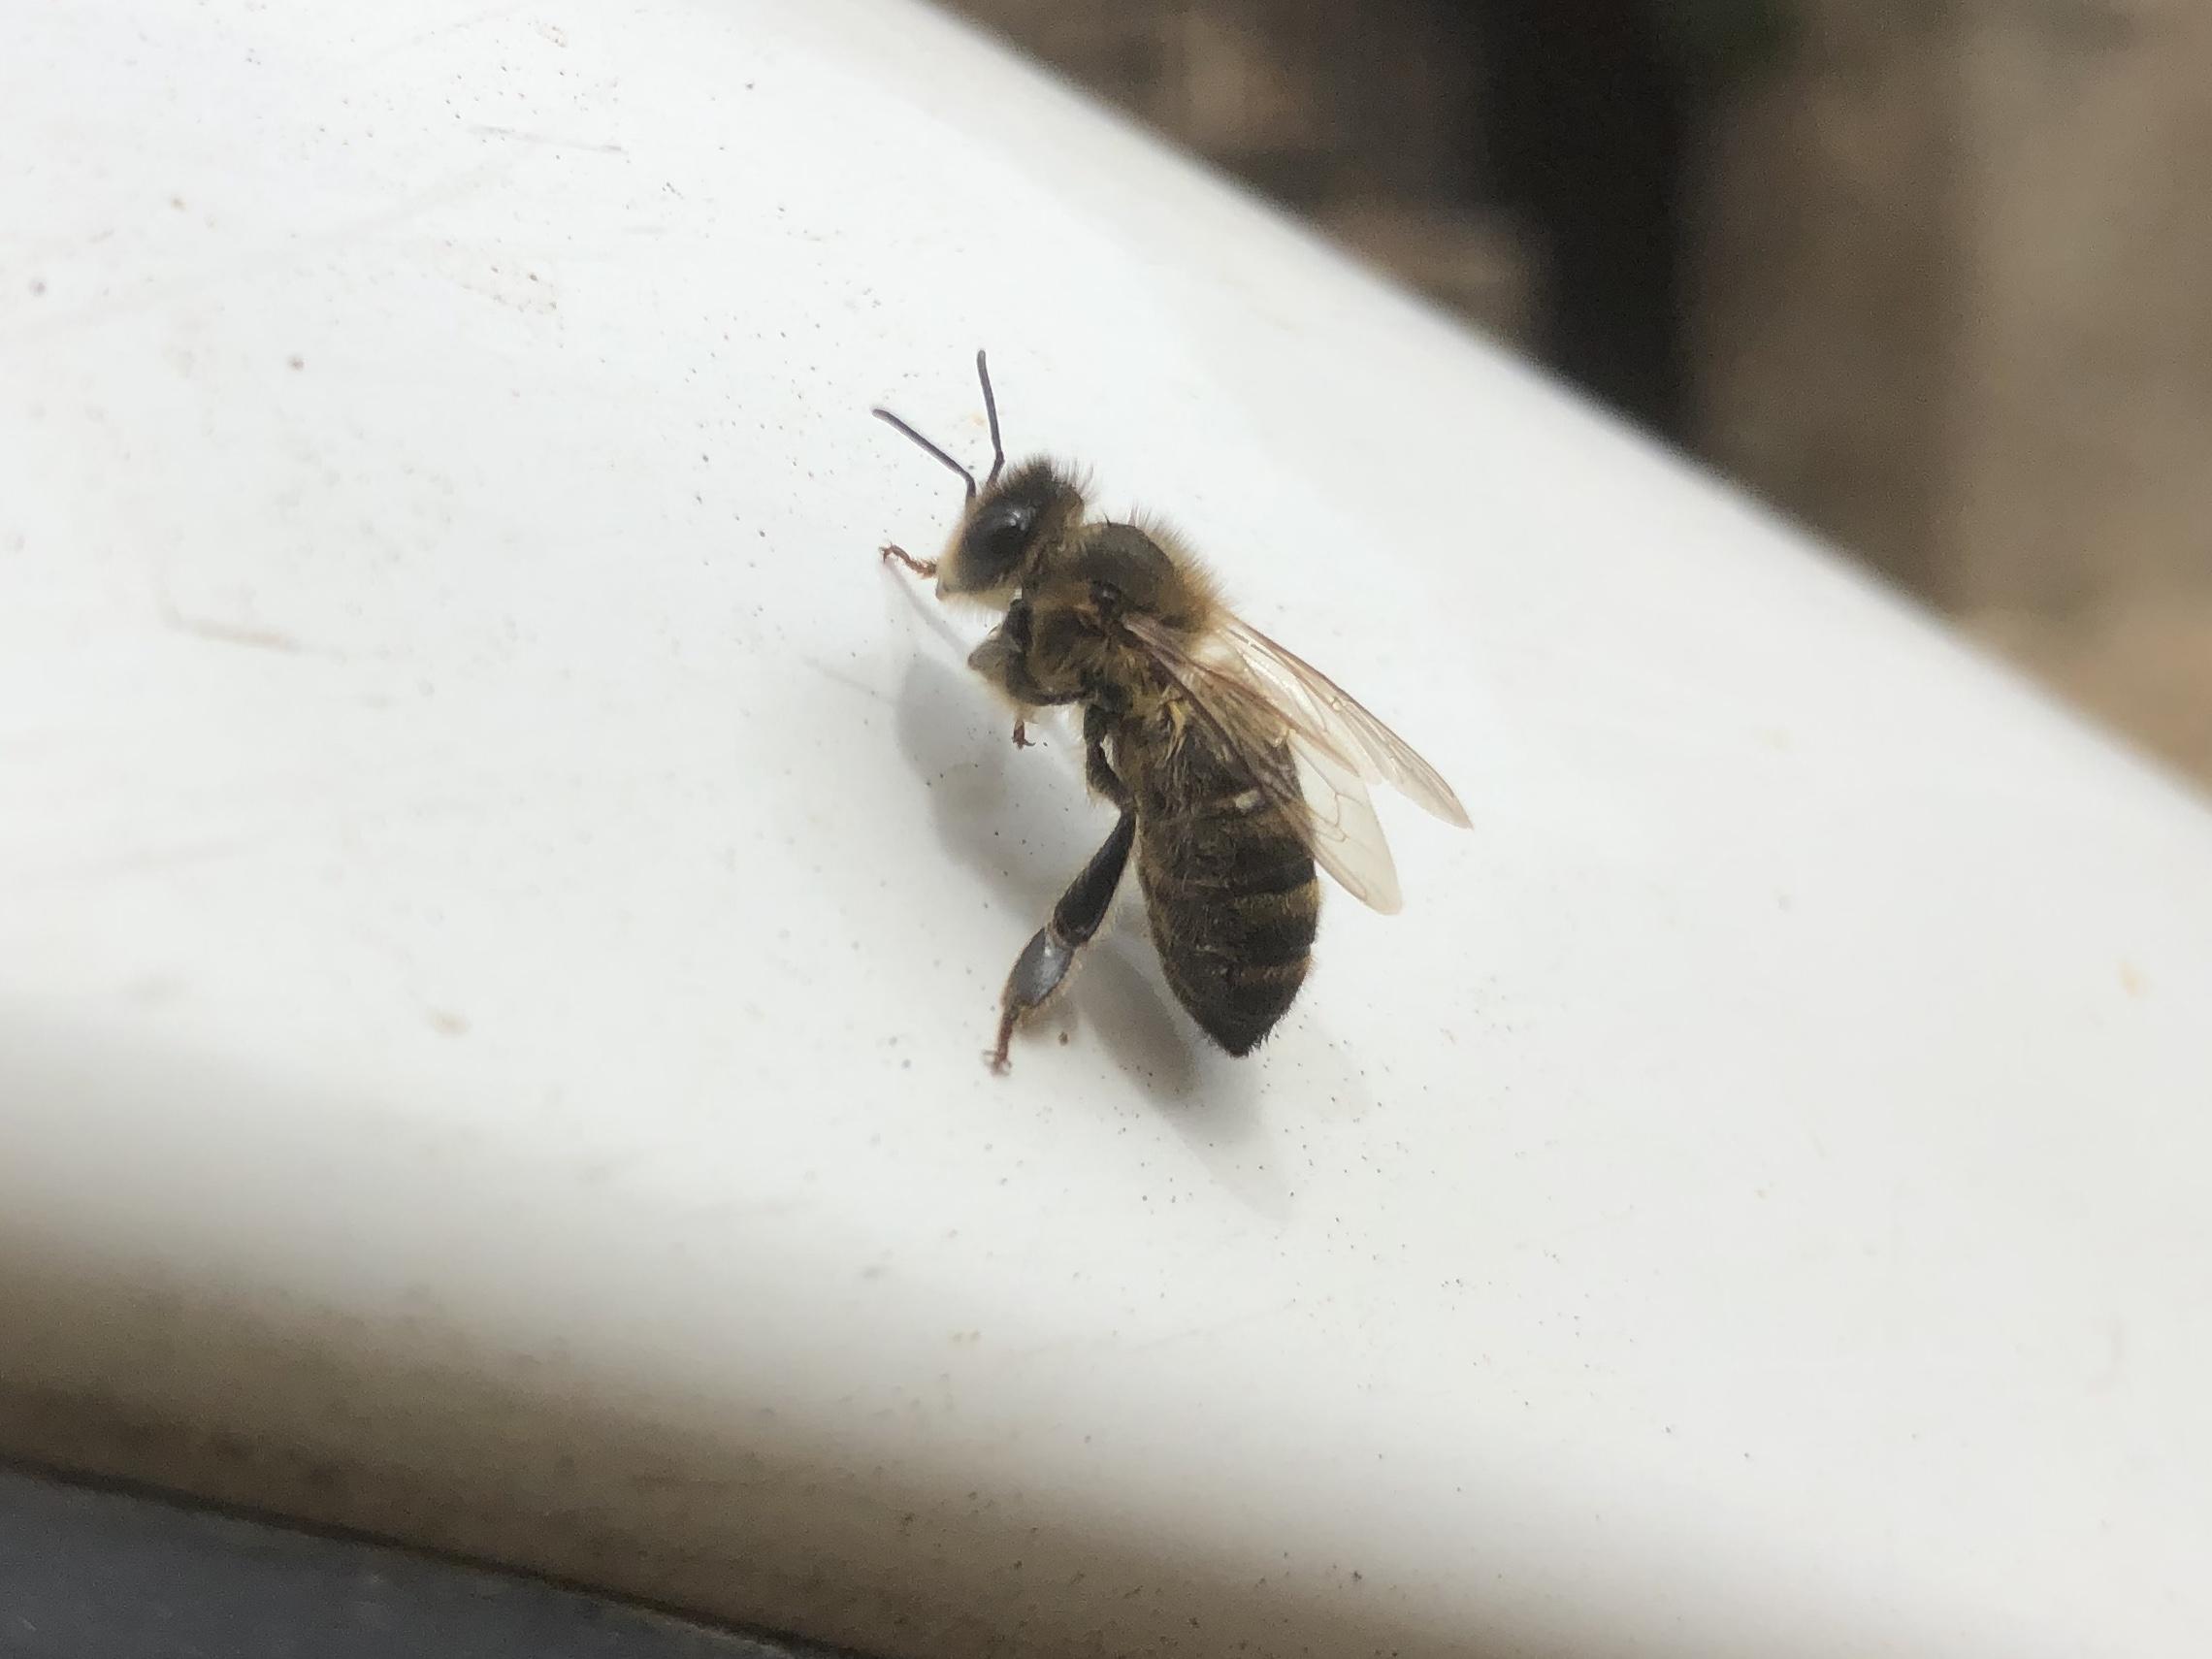 Un nulu d'ape corse in cerca d'una casa